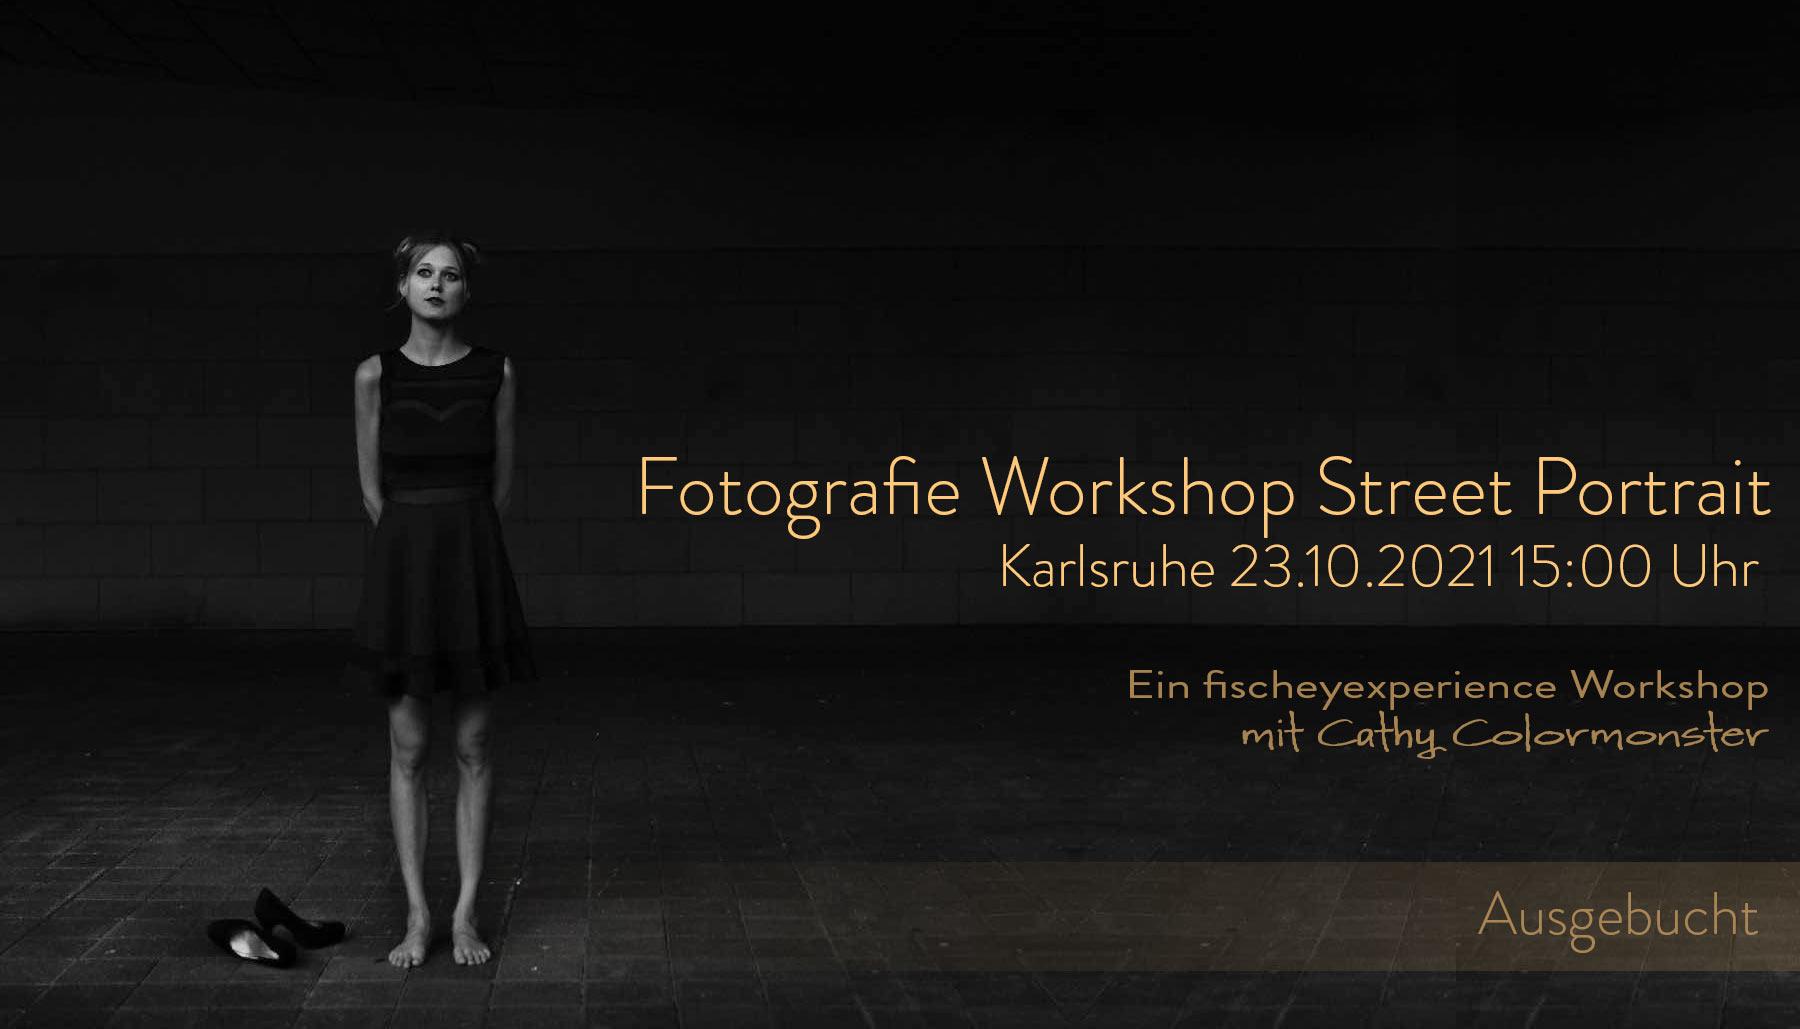 KStreet Portrait Workshop mit Cathy Colormonster ausgebucht Dietmar Sebastian Fischer